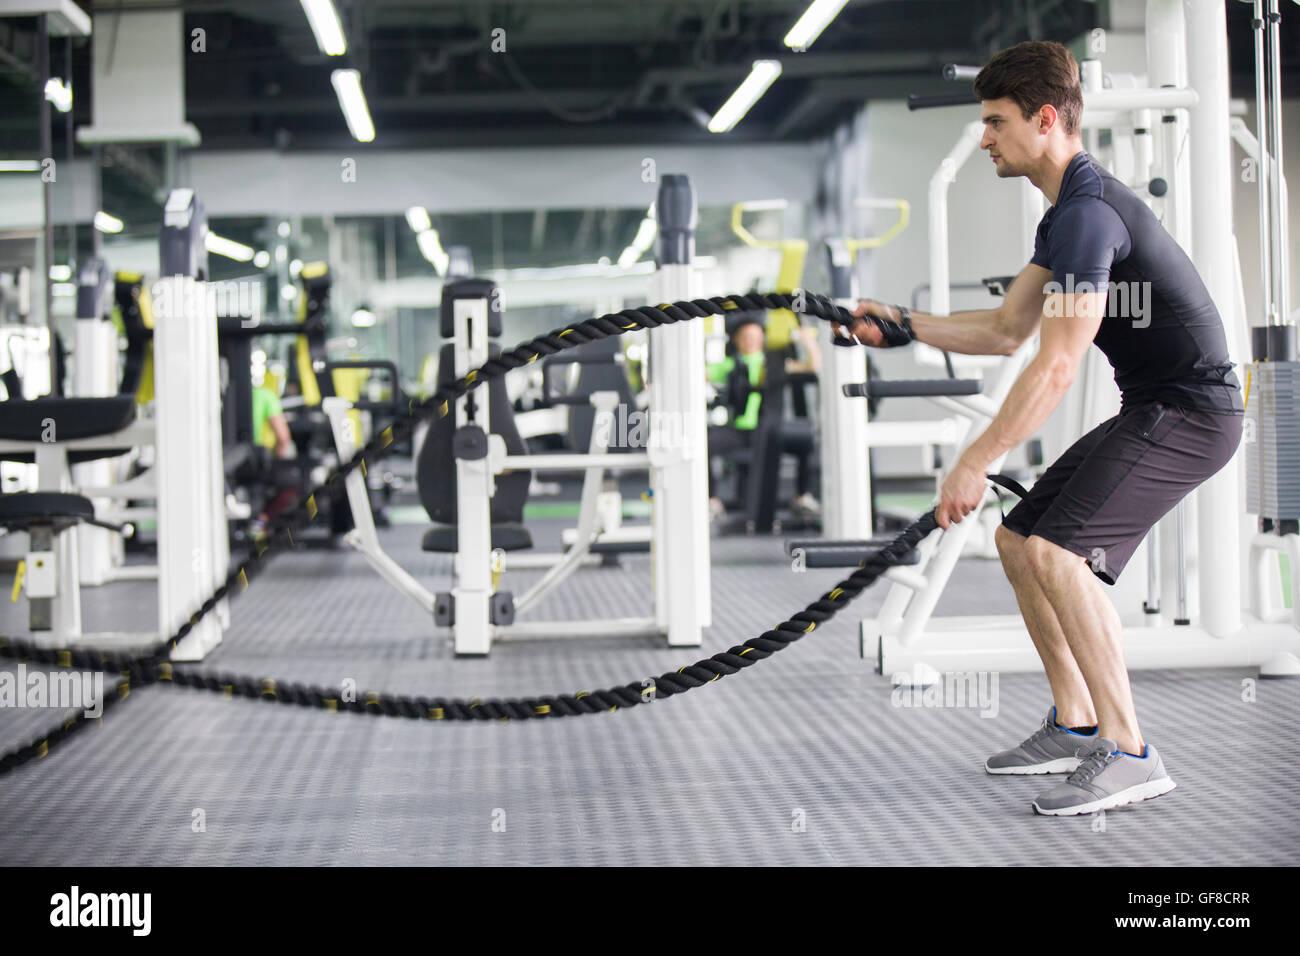 Jovem exercendo com corda no ginásio battling Imagens de Stock